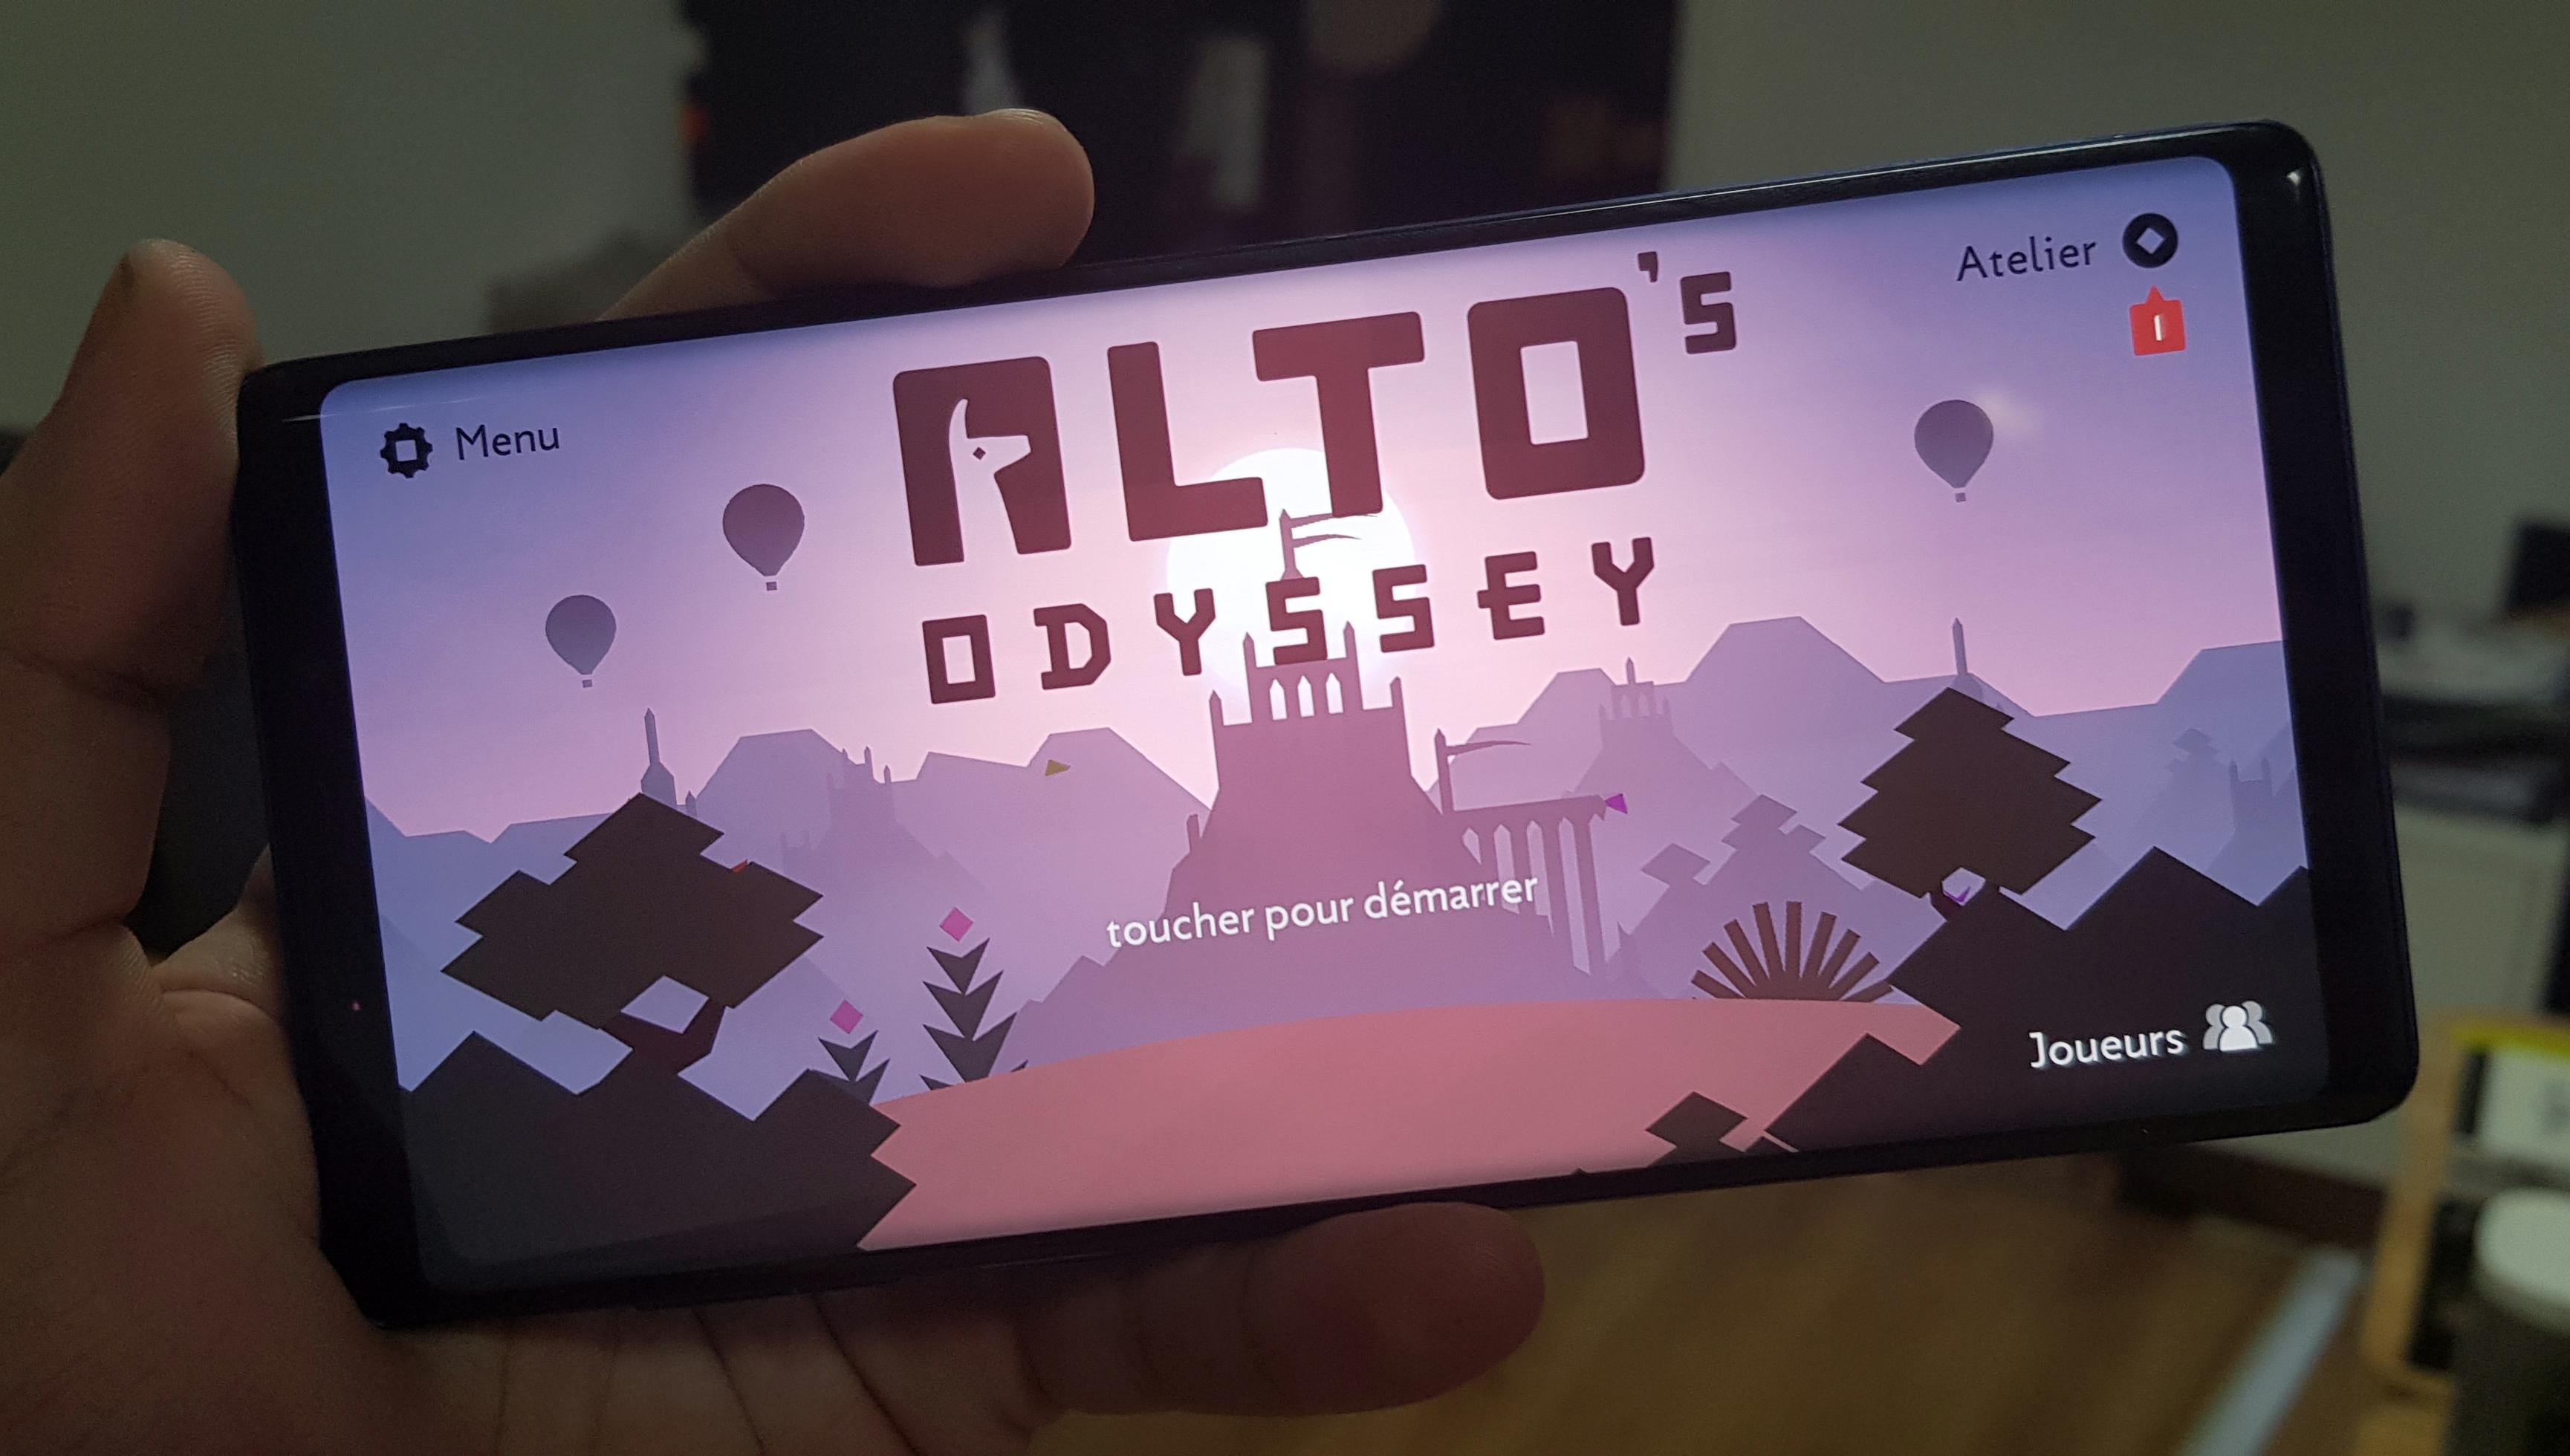 Les meilleurs jeux sans connexion sur Android en 2019